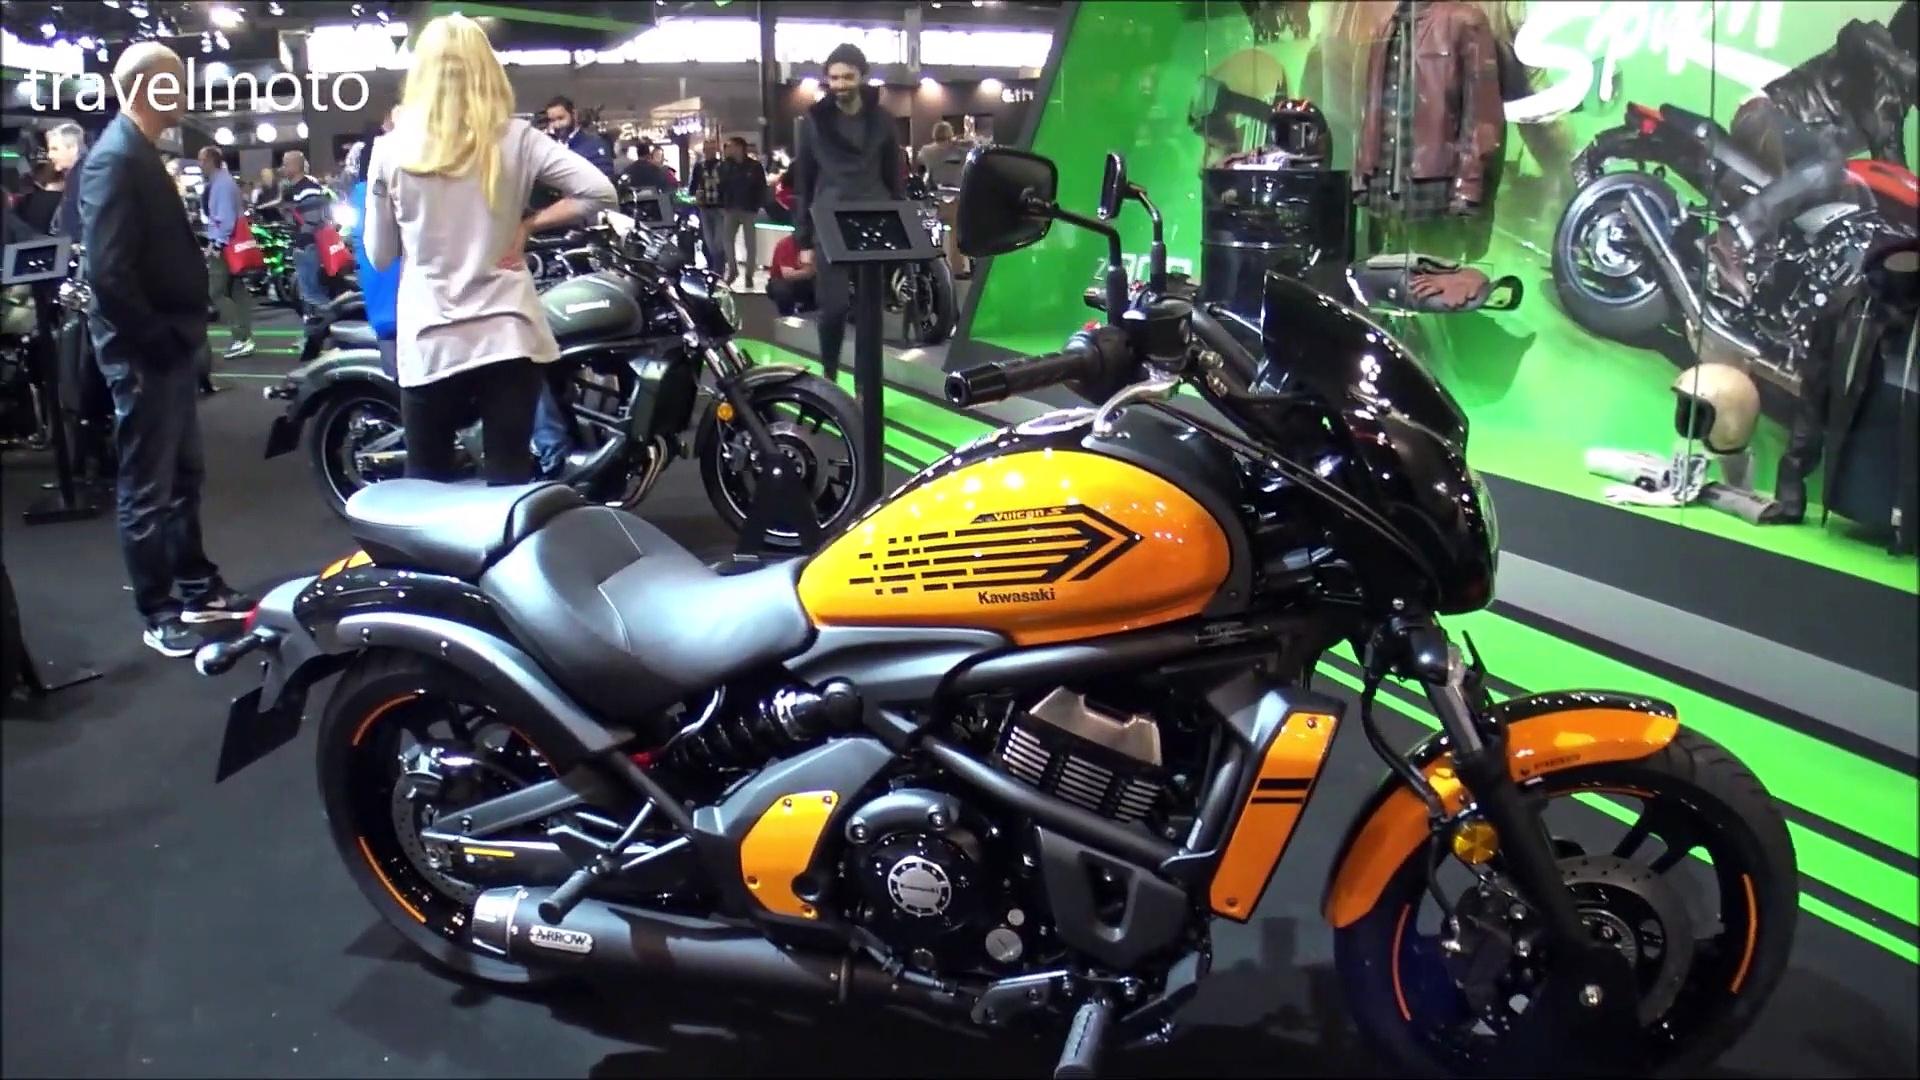 KAWASAKI Z900 motorcycles 2019